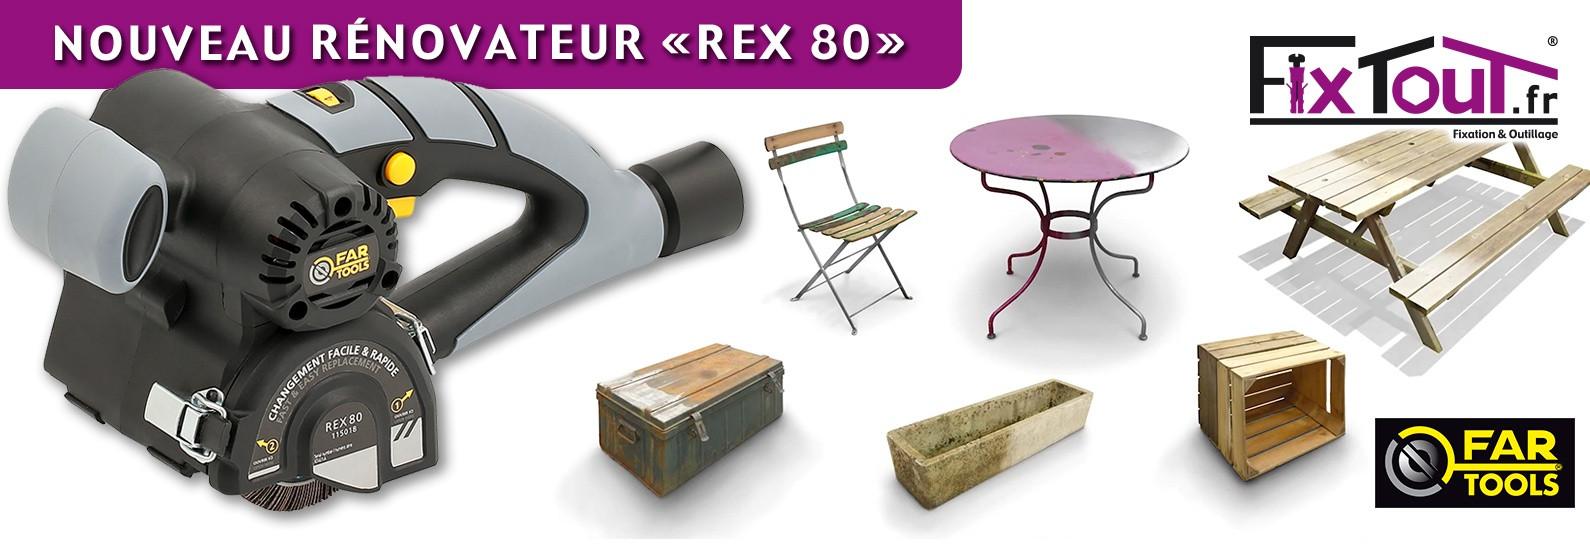 Nouveau Rénovateur Fartools REX80